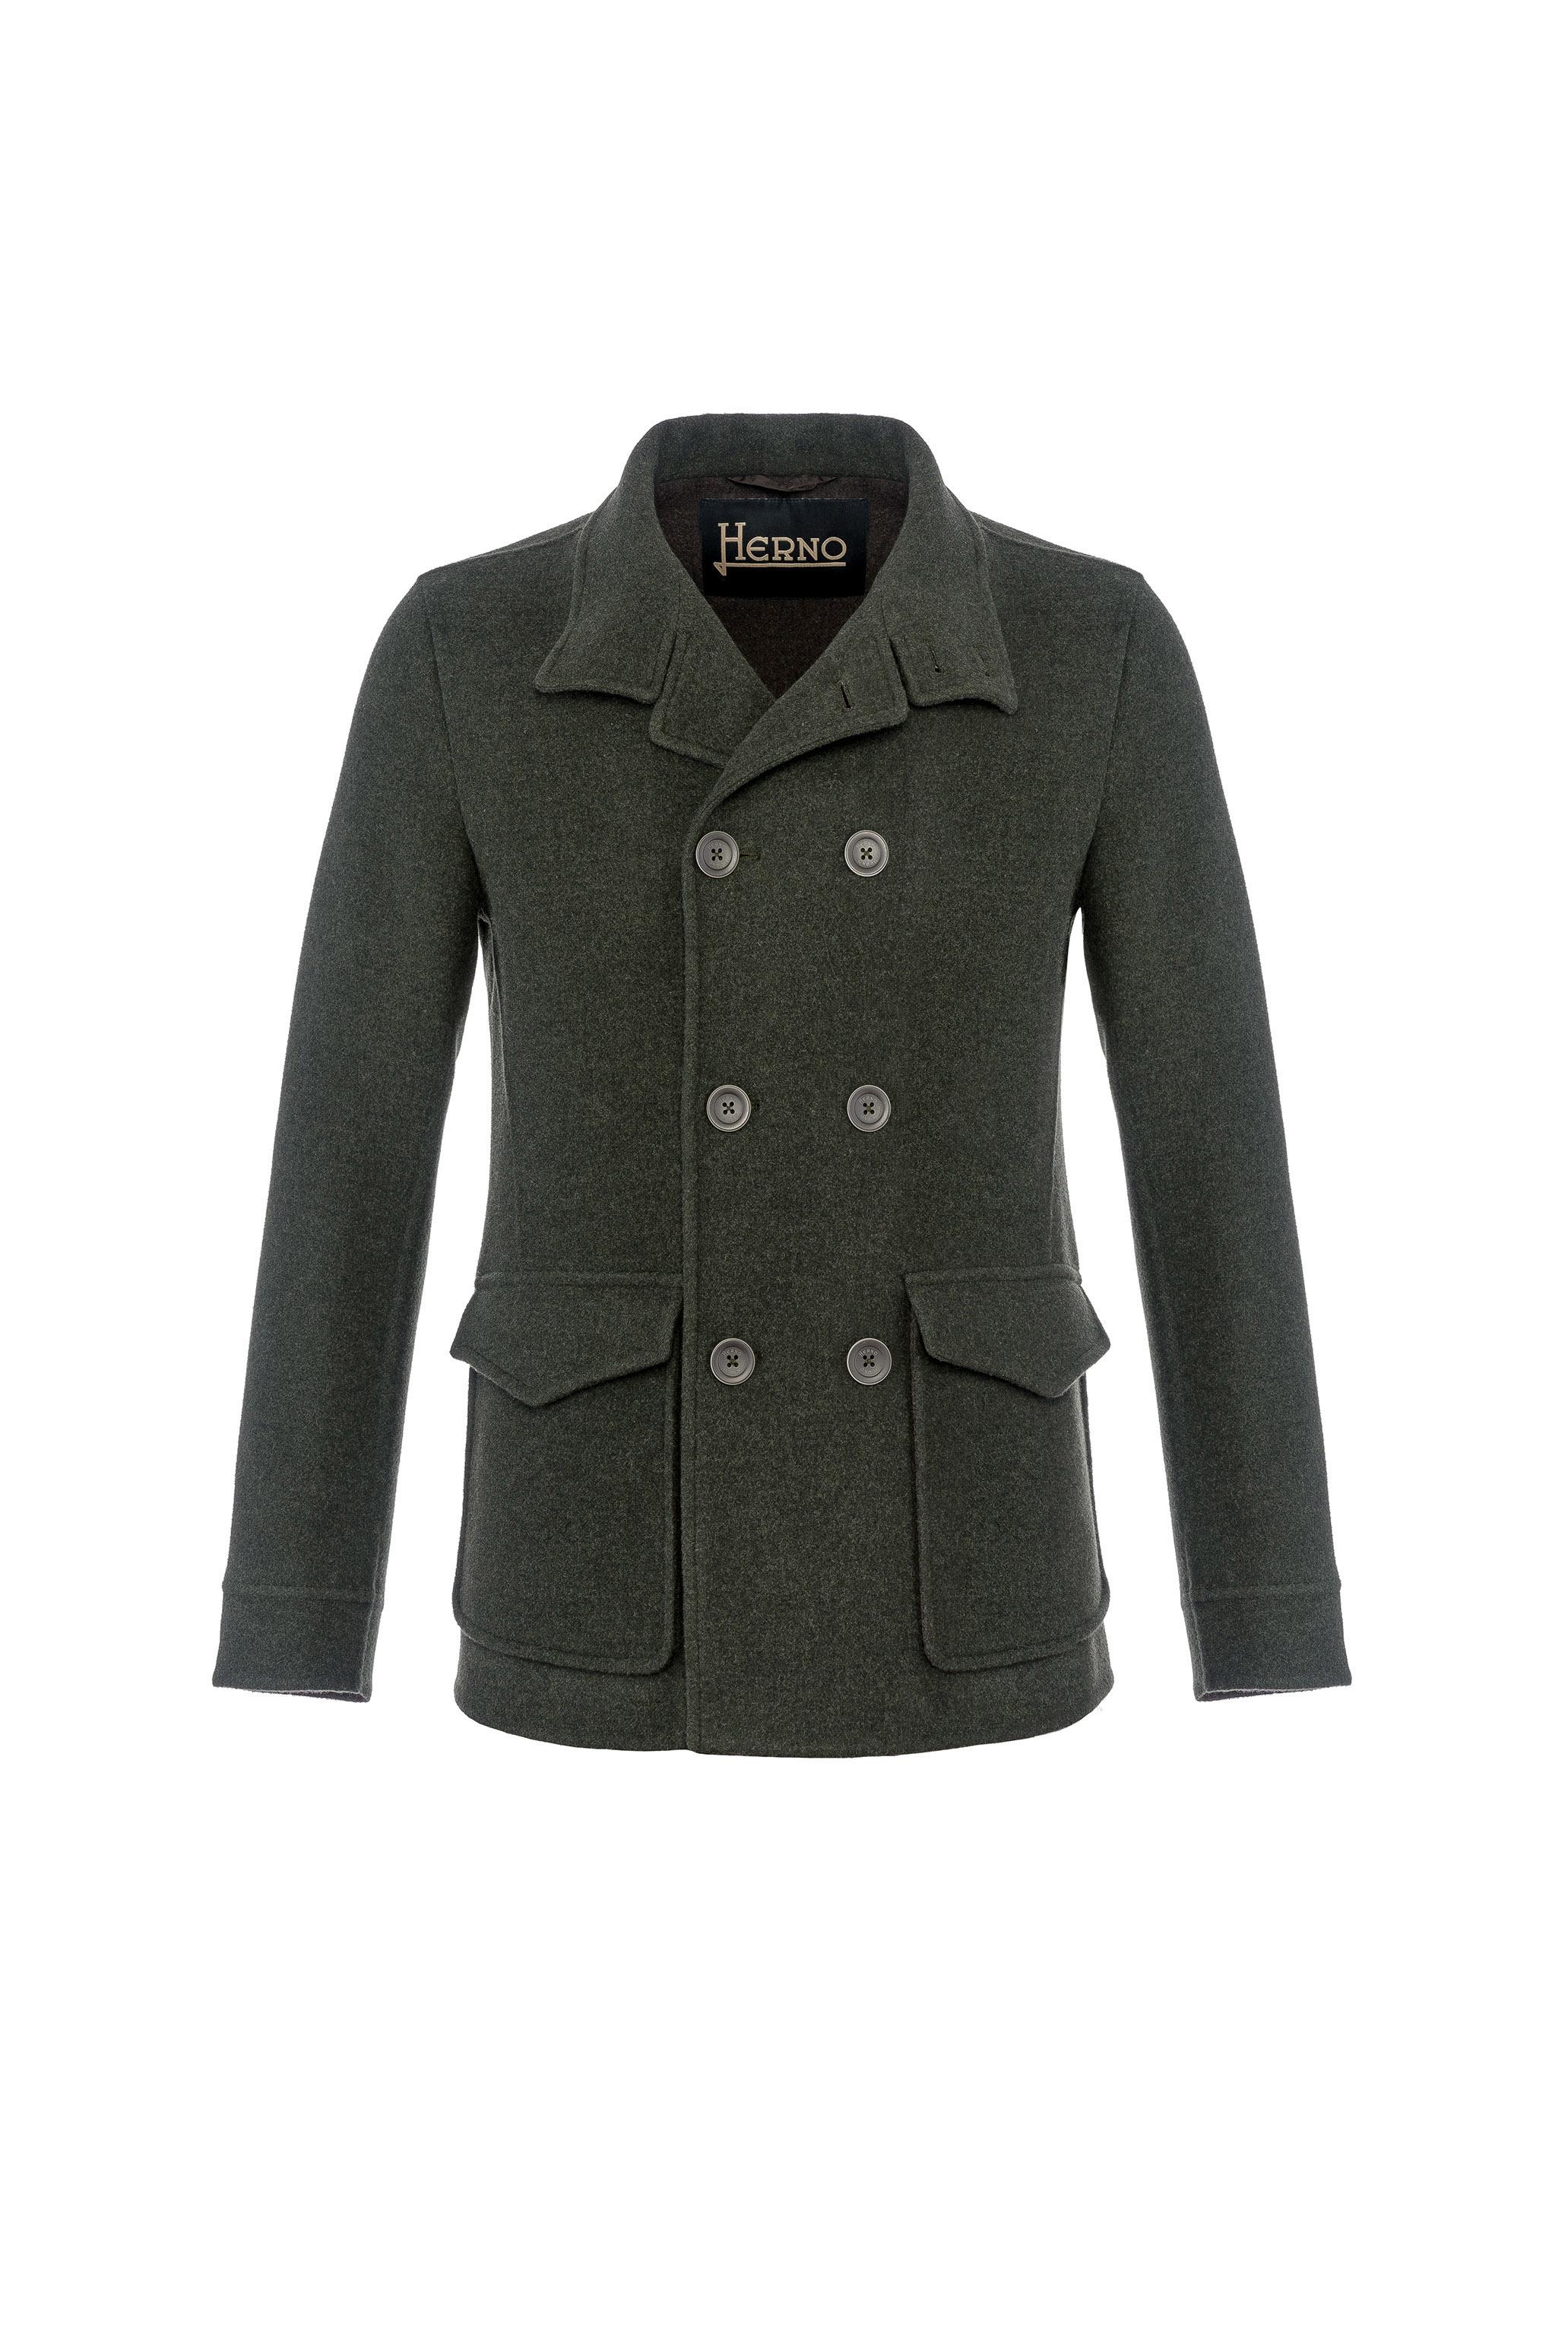 Herno: speciale cappotto | BookModa